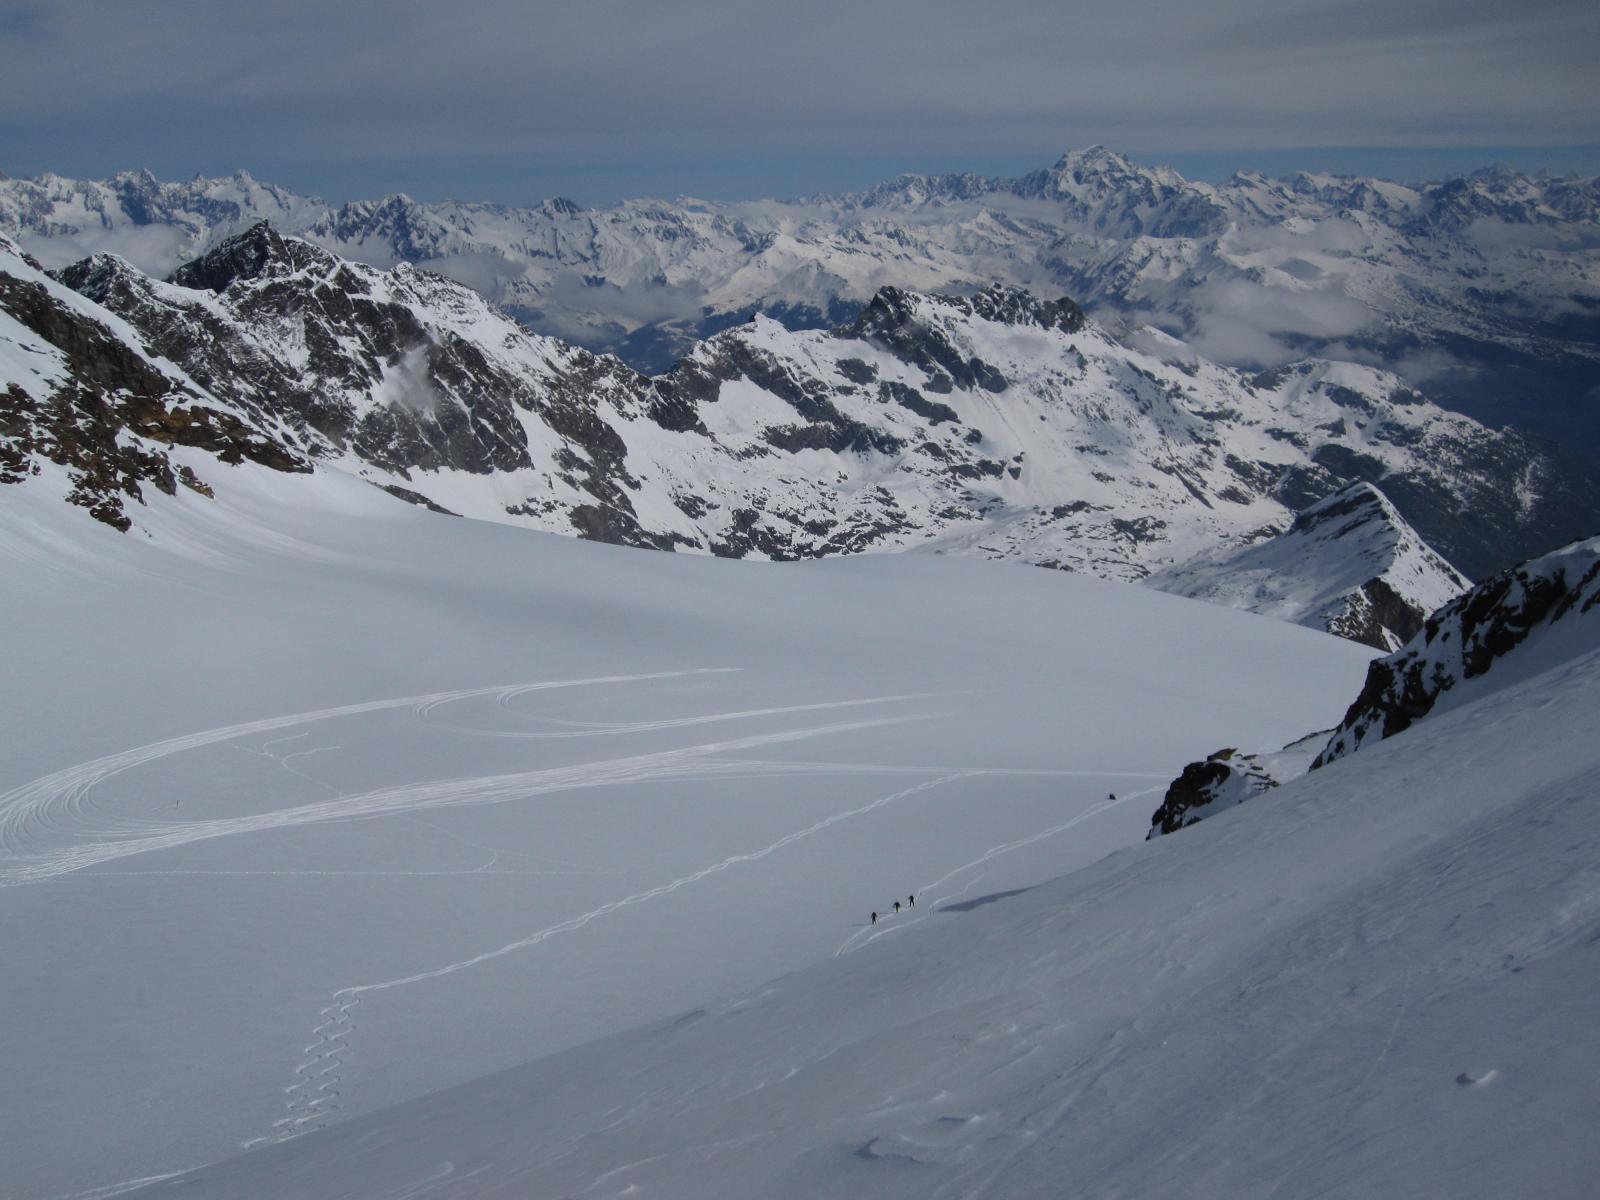 il ghiacciaio con tracce di atterraggi di aereo